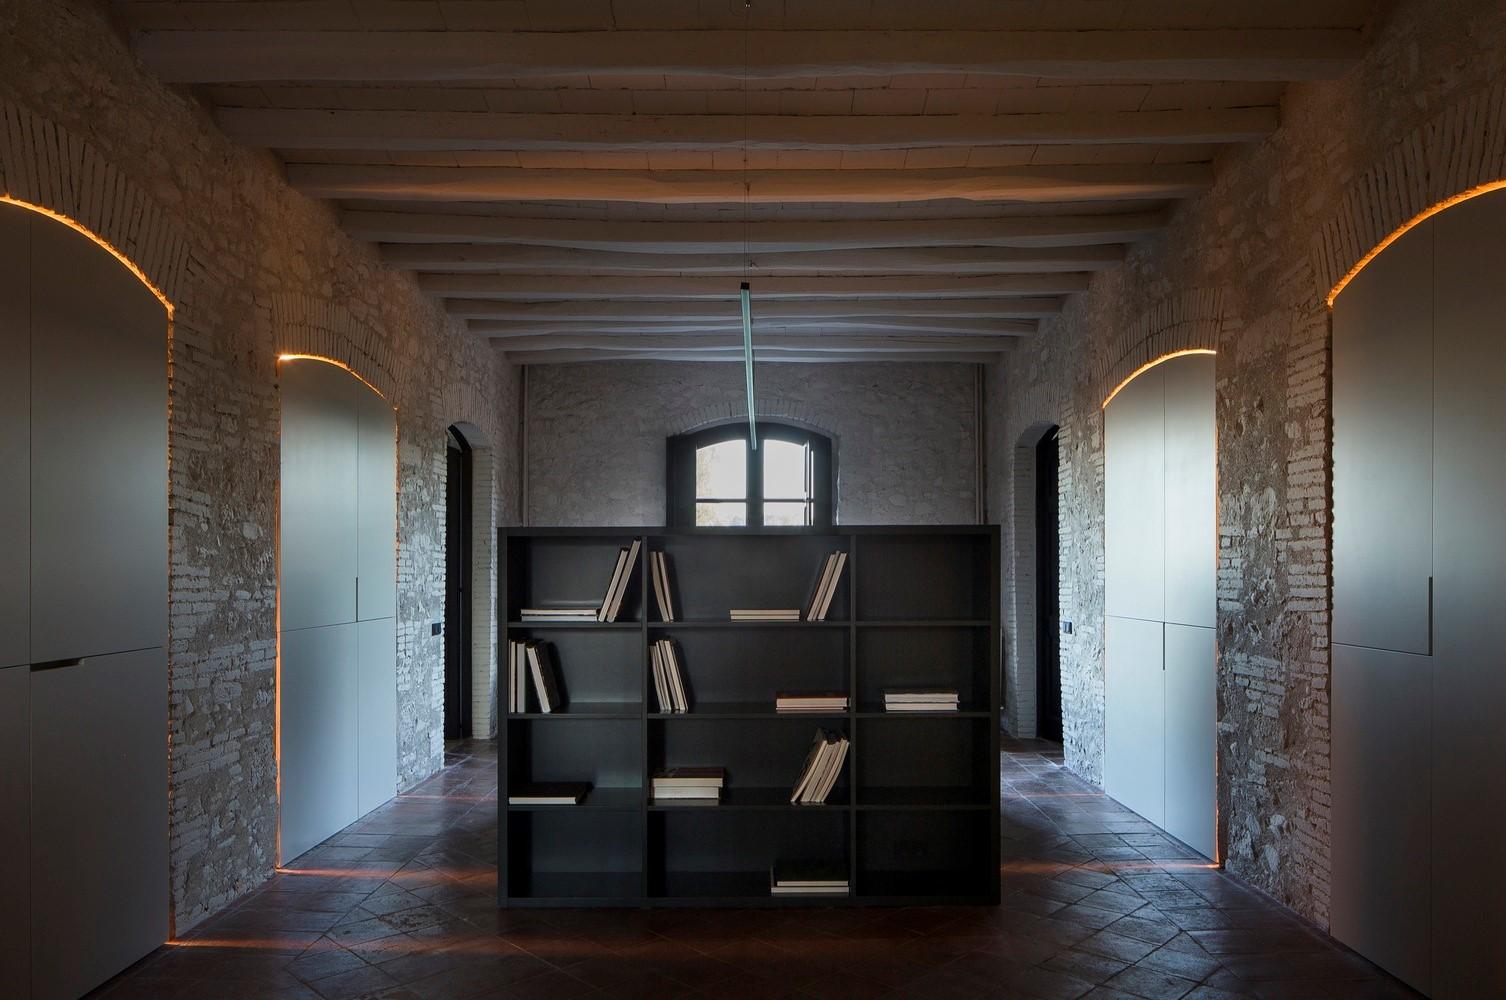 聖馬提住宅,金屬回廊平衡新與舊的關系 / Francesc Rifé Studio插图(13)